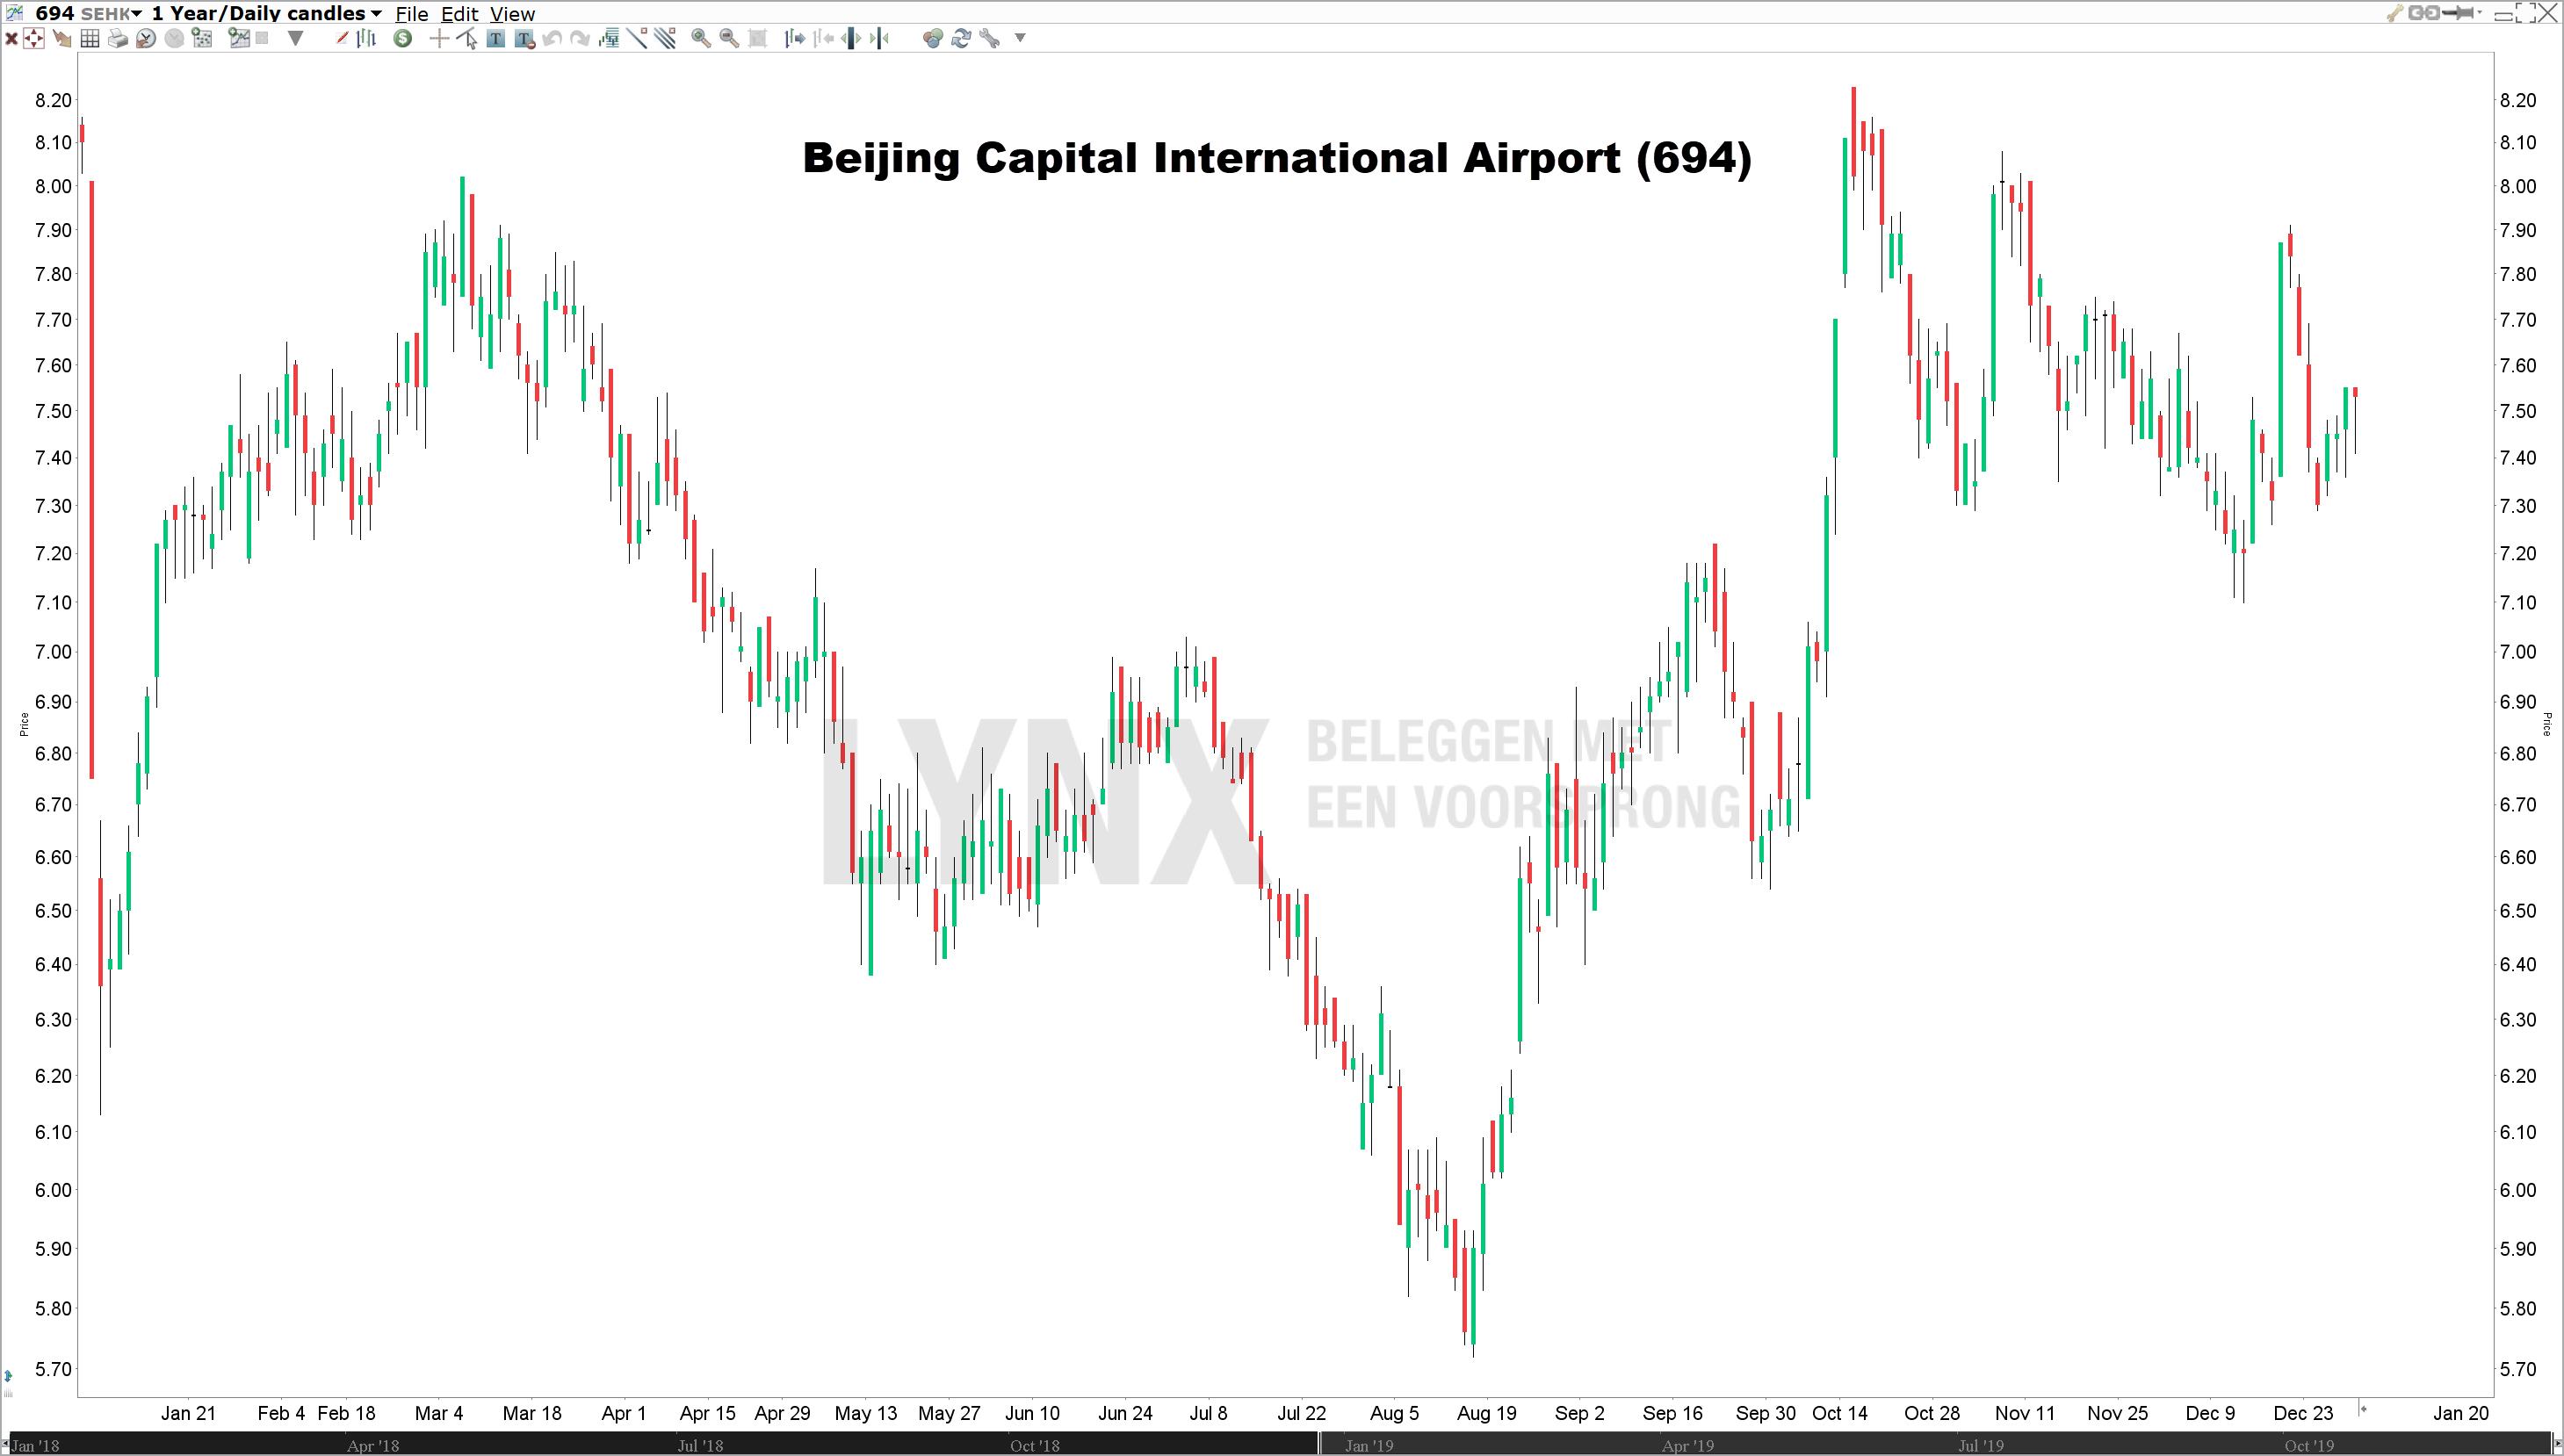 Koers Beijing Capital International Airport beleggen in China